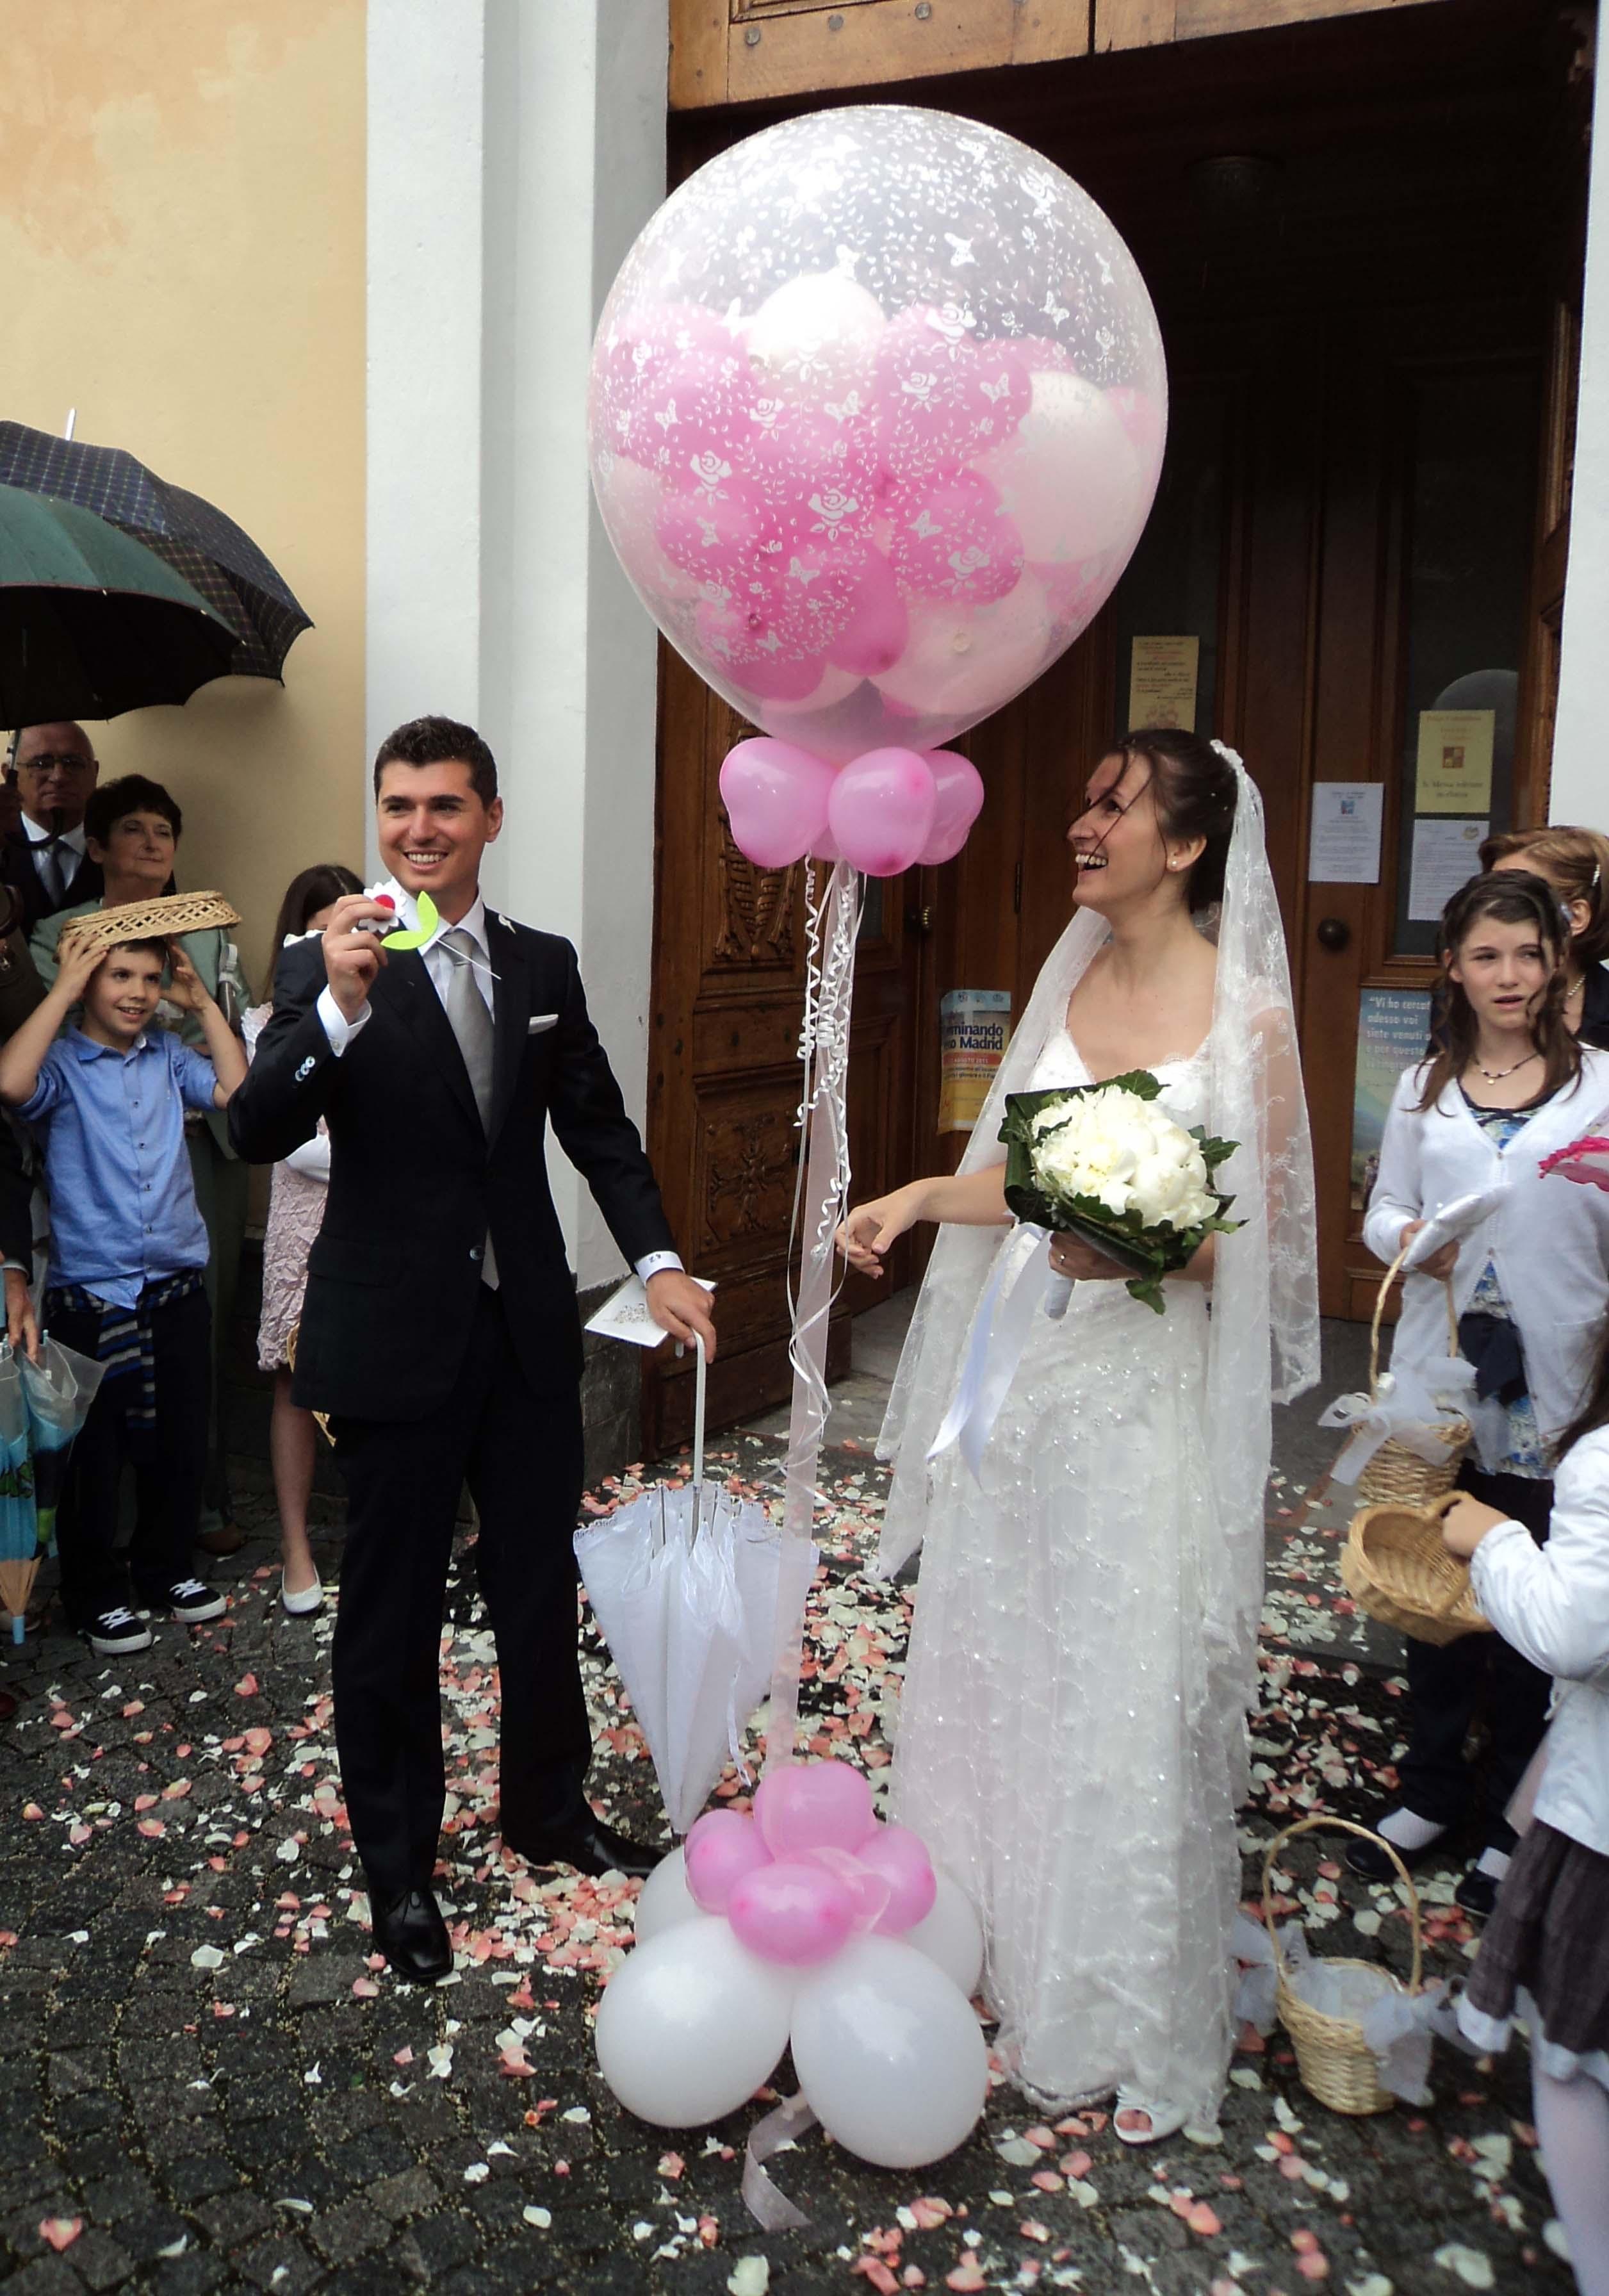 Popolare Allestimenti Palloncini per Matrimoni, Arco di palloncini, Addobbi  NM51